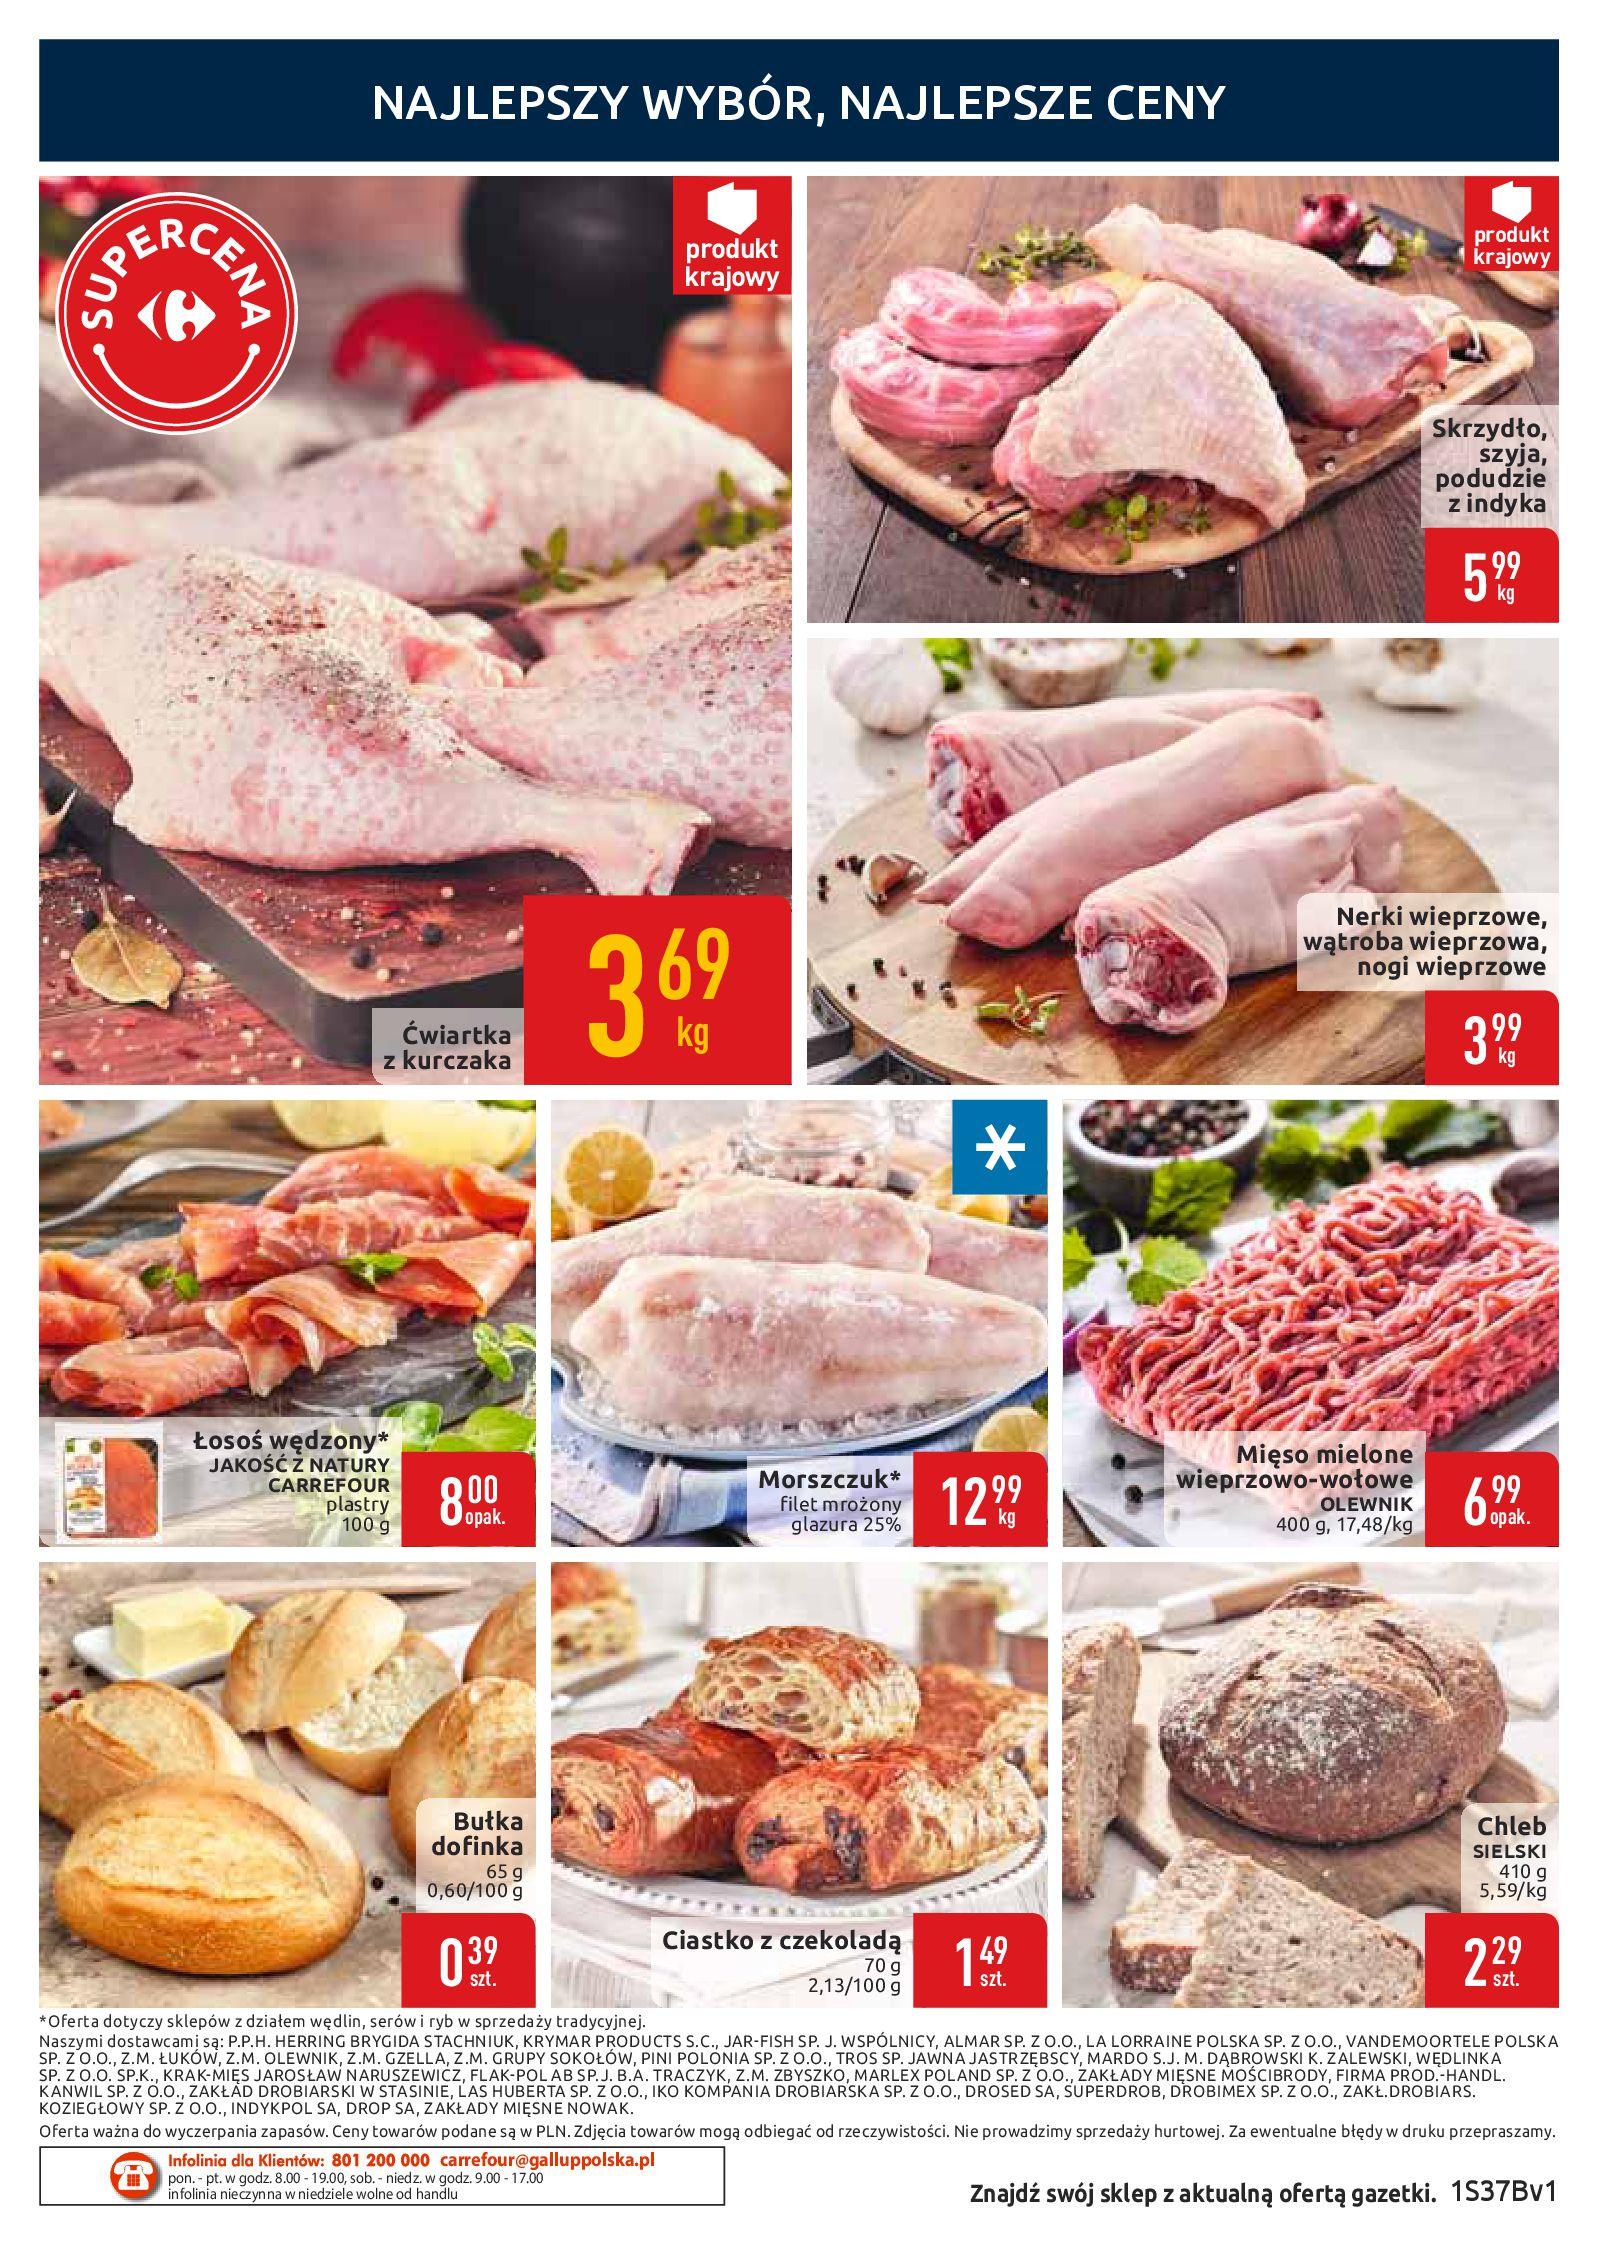 Gazetka Carrefour Market - Najlepszy wybór, najlepsze ceny-09.09.2019-16.09.2019-page-